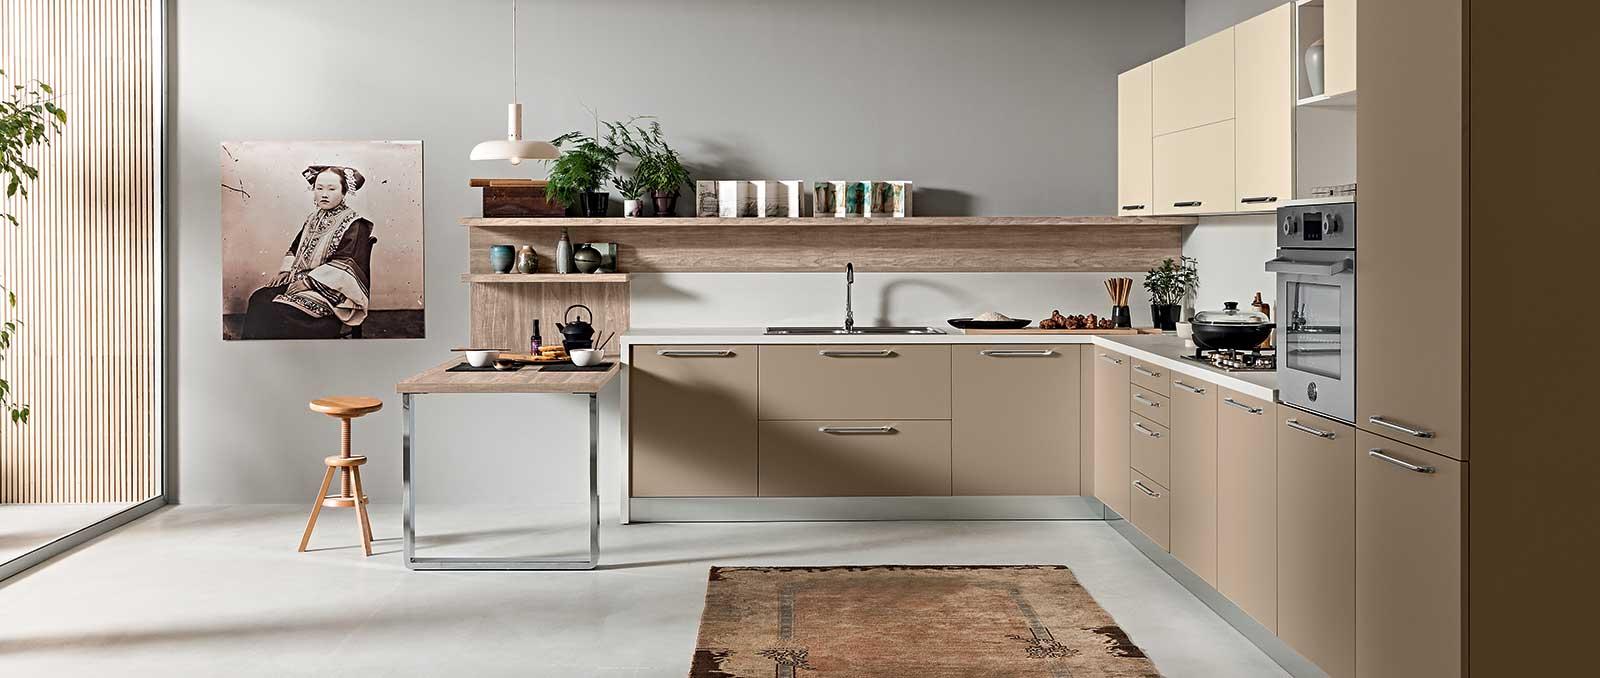 D'inspiration cuisine du monde en laque mate aux couleurs douces et naturelles en association avec étagères en structuré bois cette cuisine inspire le voyage.